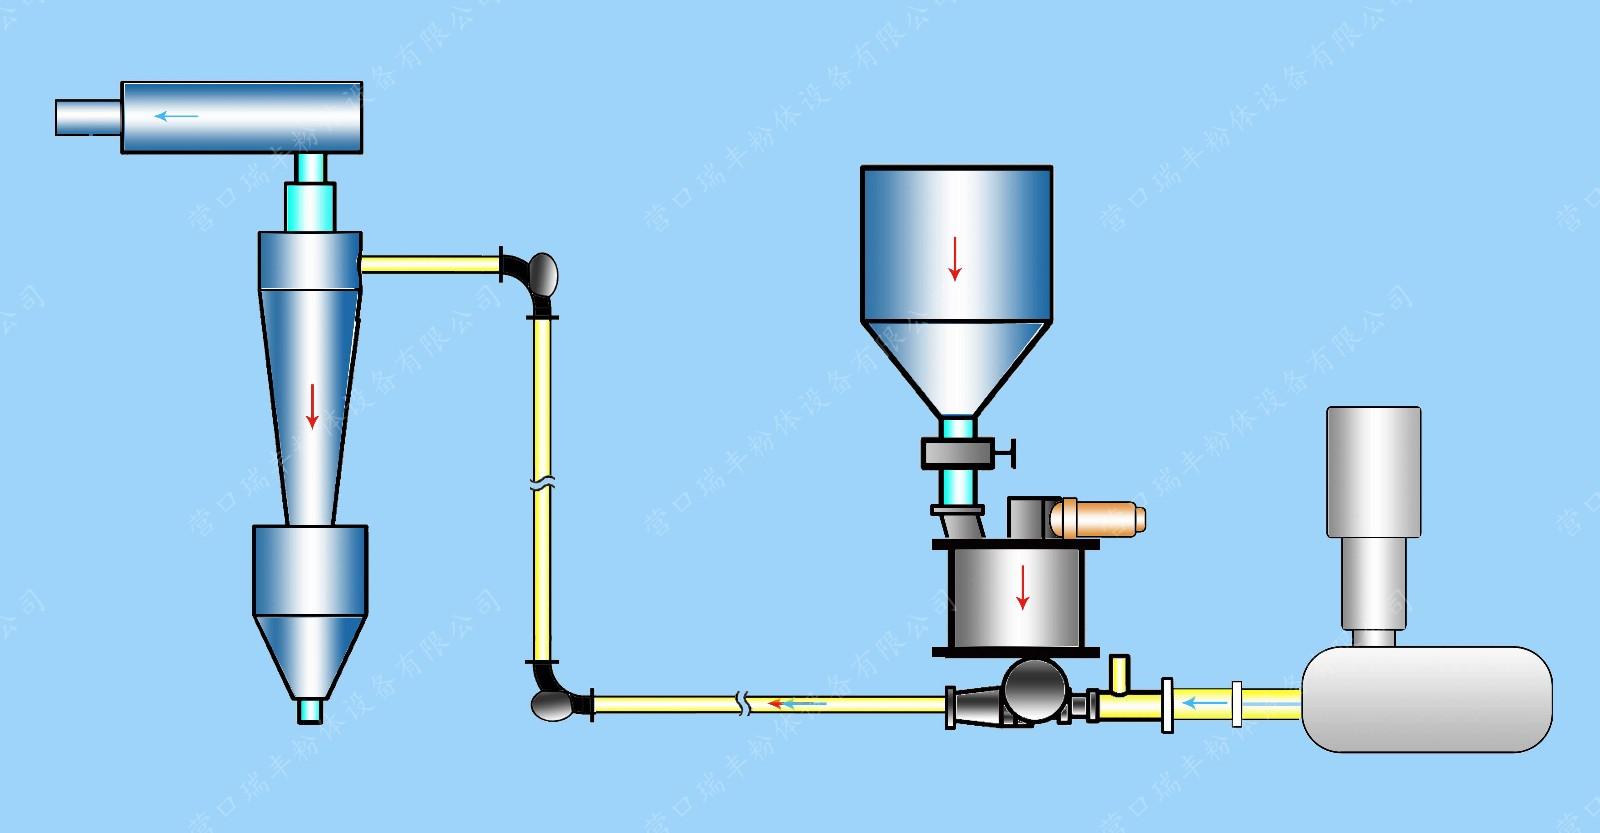 气力运输系统